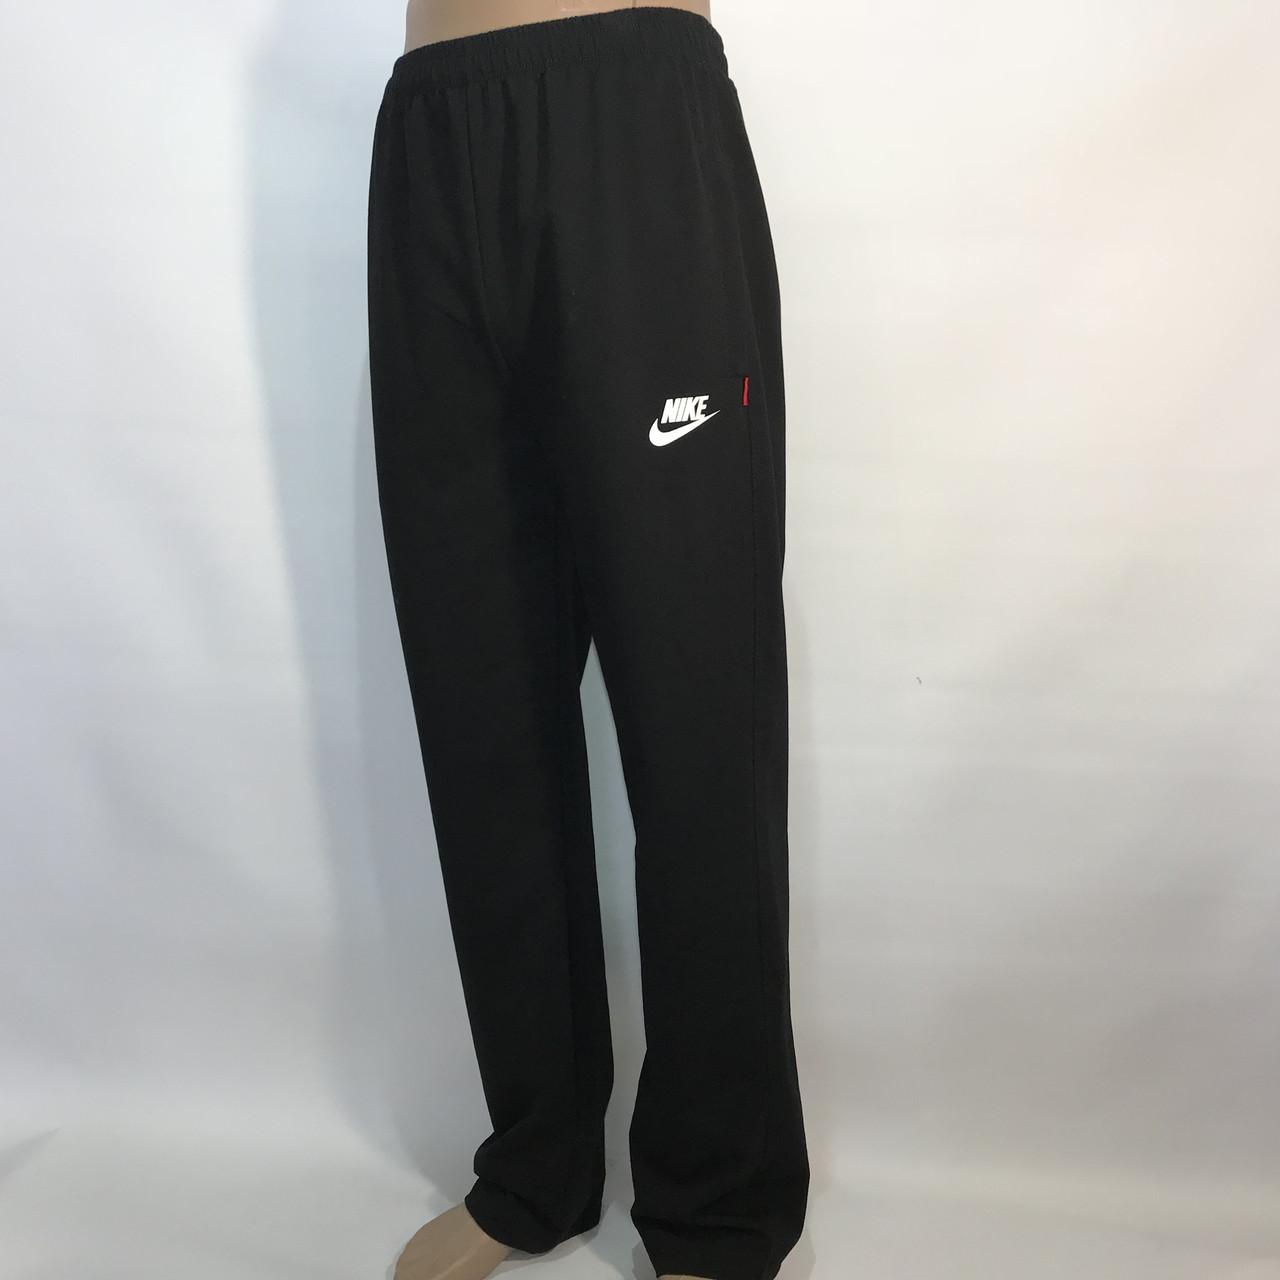 Чоловічі спортивні штани в стилі Nike прямі чорні р. 46,48,50,52,54